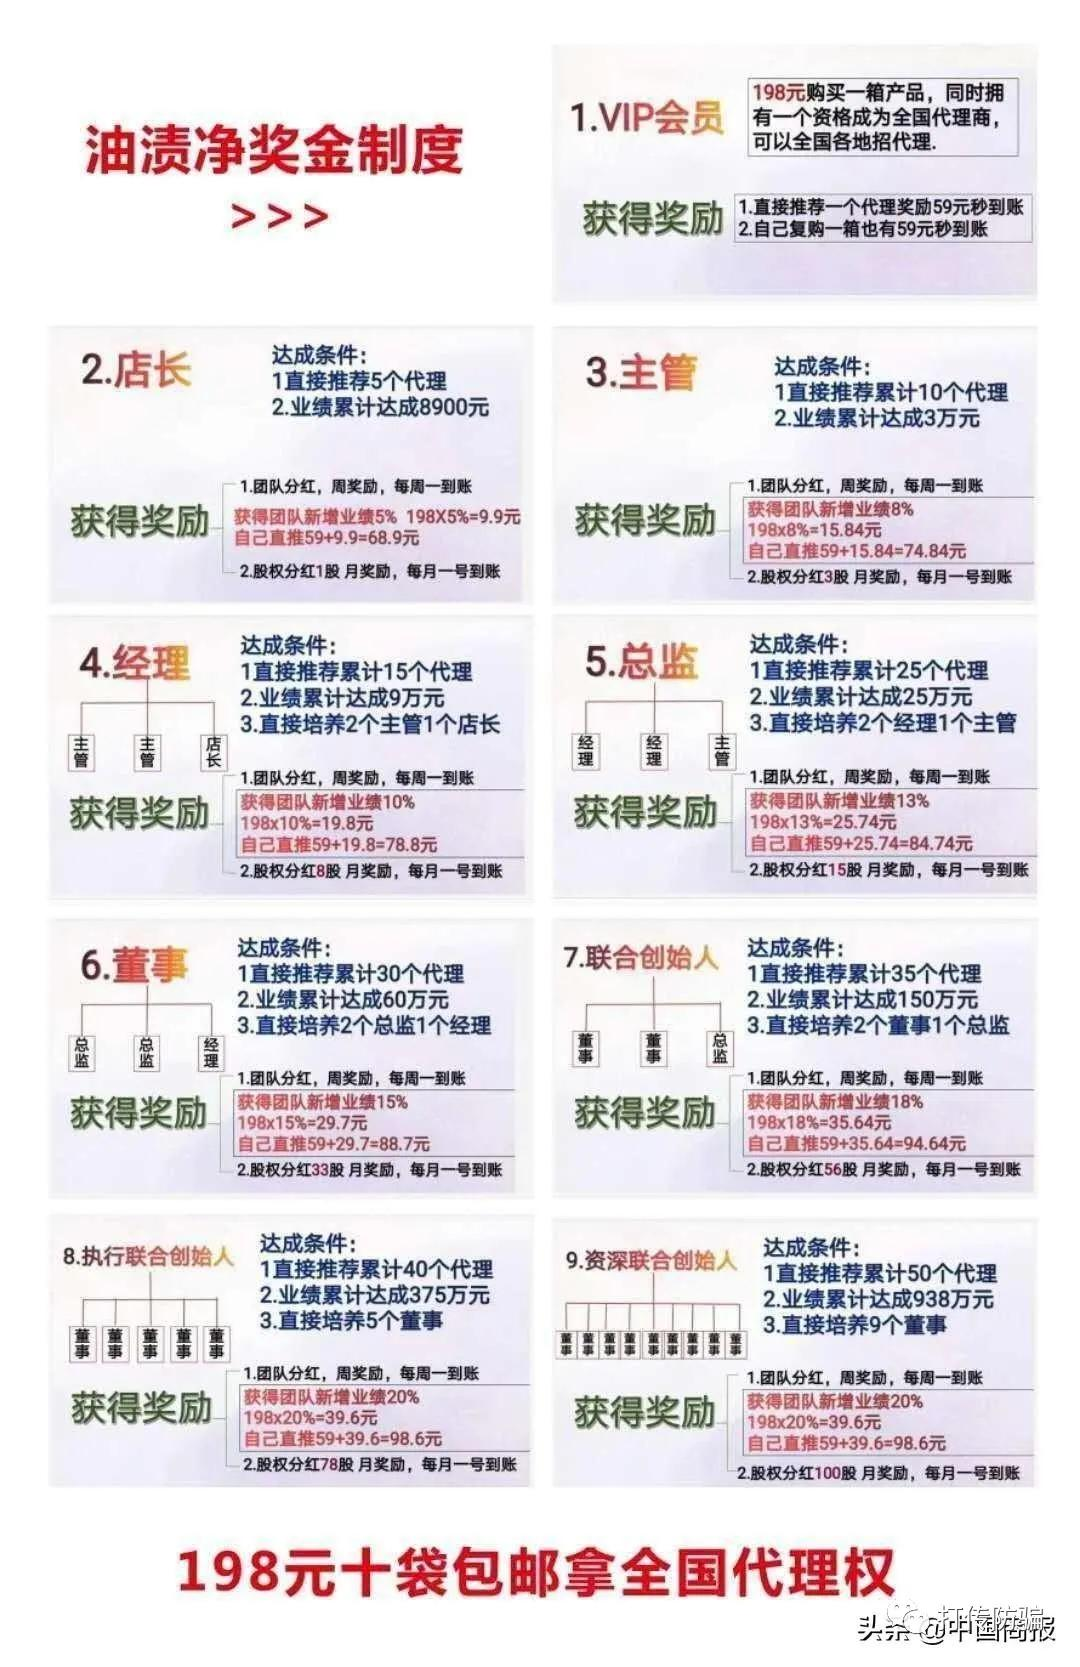 山东永春堂公司陷传销漩涡,市场监管部门已立案调查